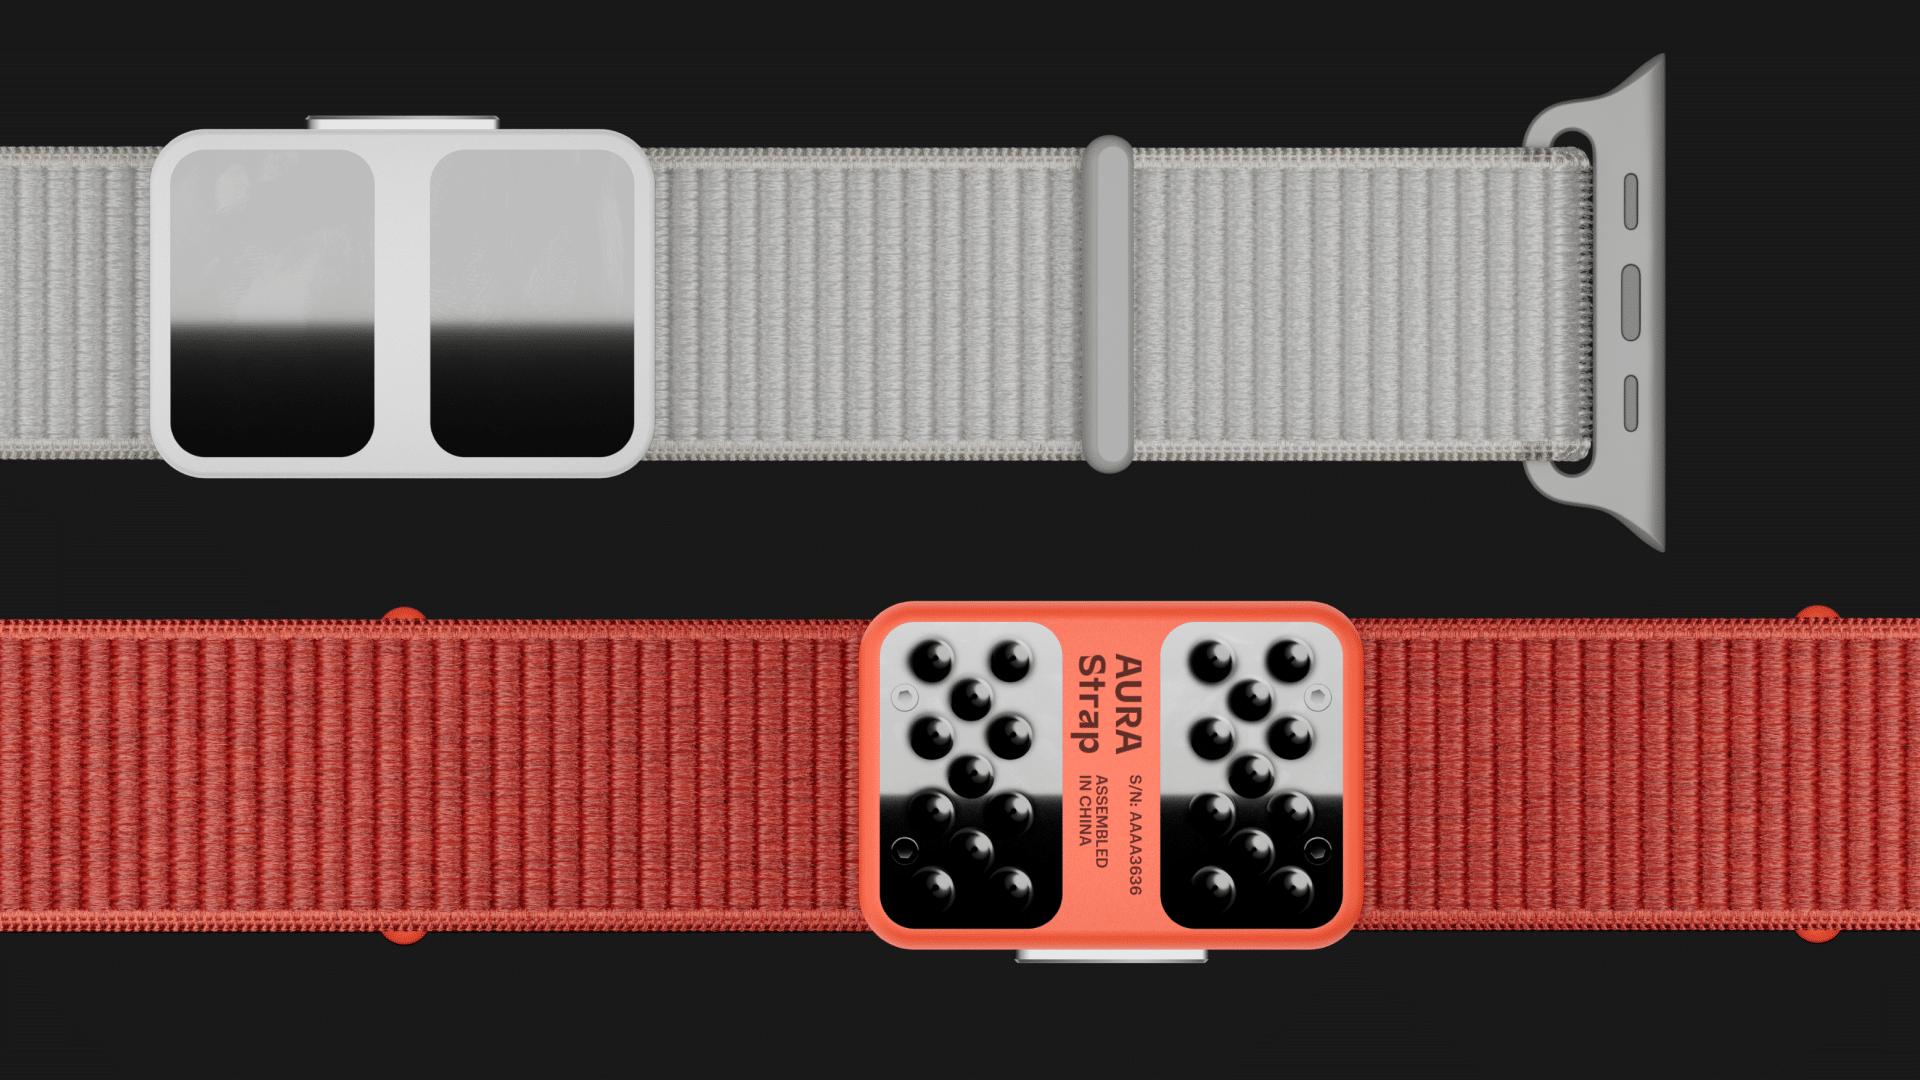 Modelo vermelho e cinza da AURA Strap